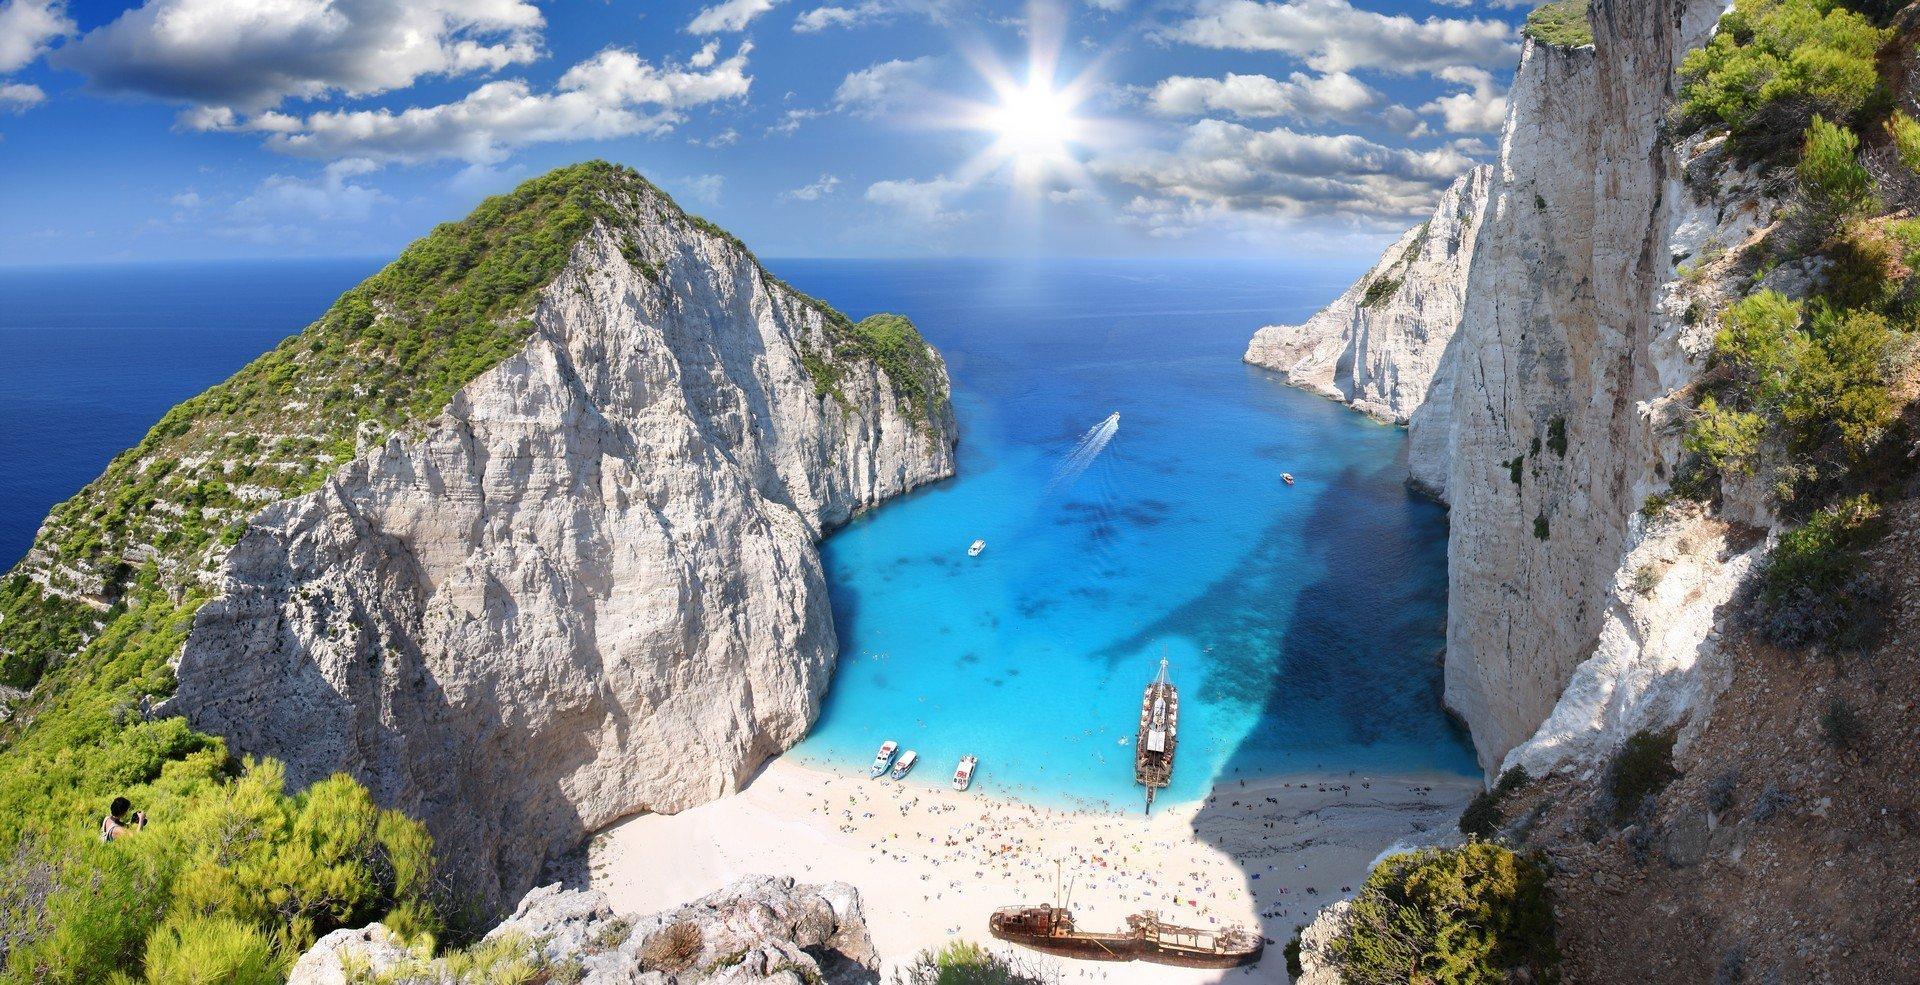 Amazing beach Navagio in Zakynthos, Greece - Imagen shutterstock_92931373